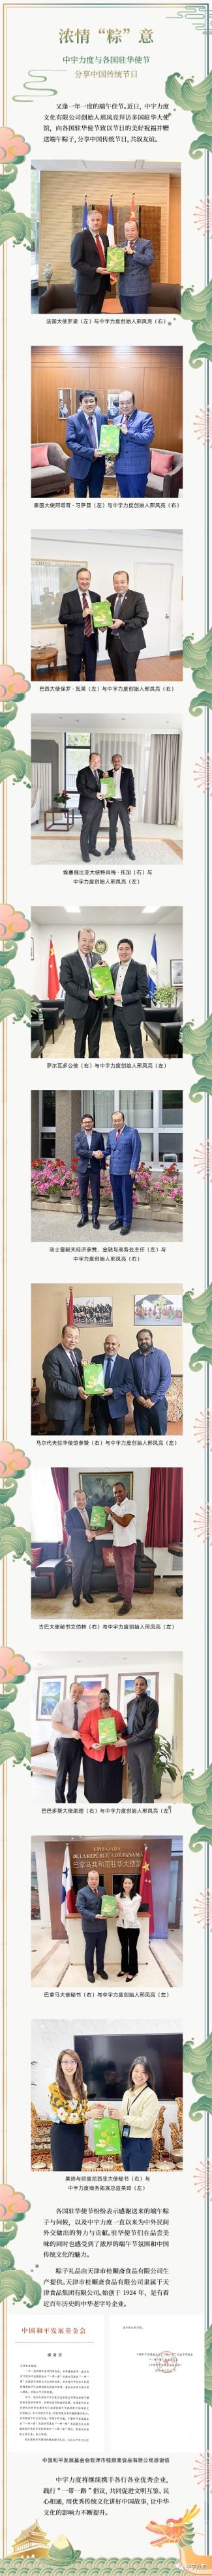 """浓情""""粽""""意,中宇力度与各国驻华使节分享中国传统节日"""